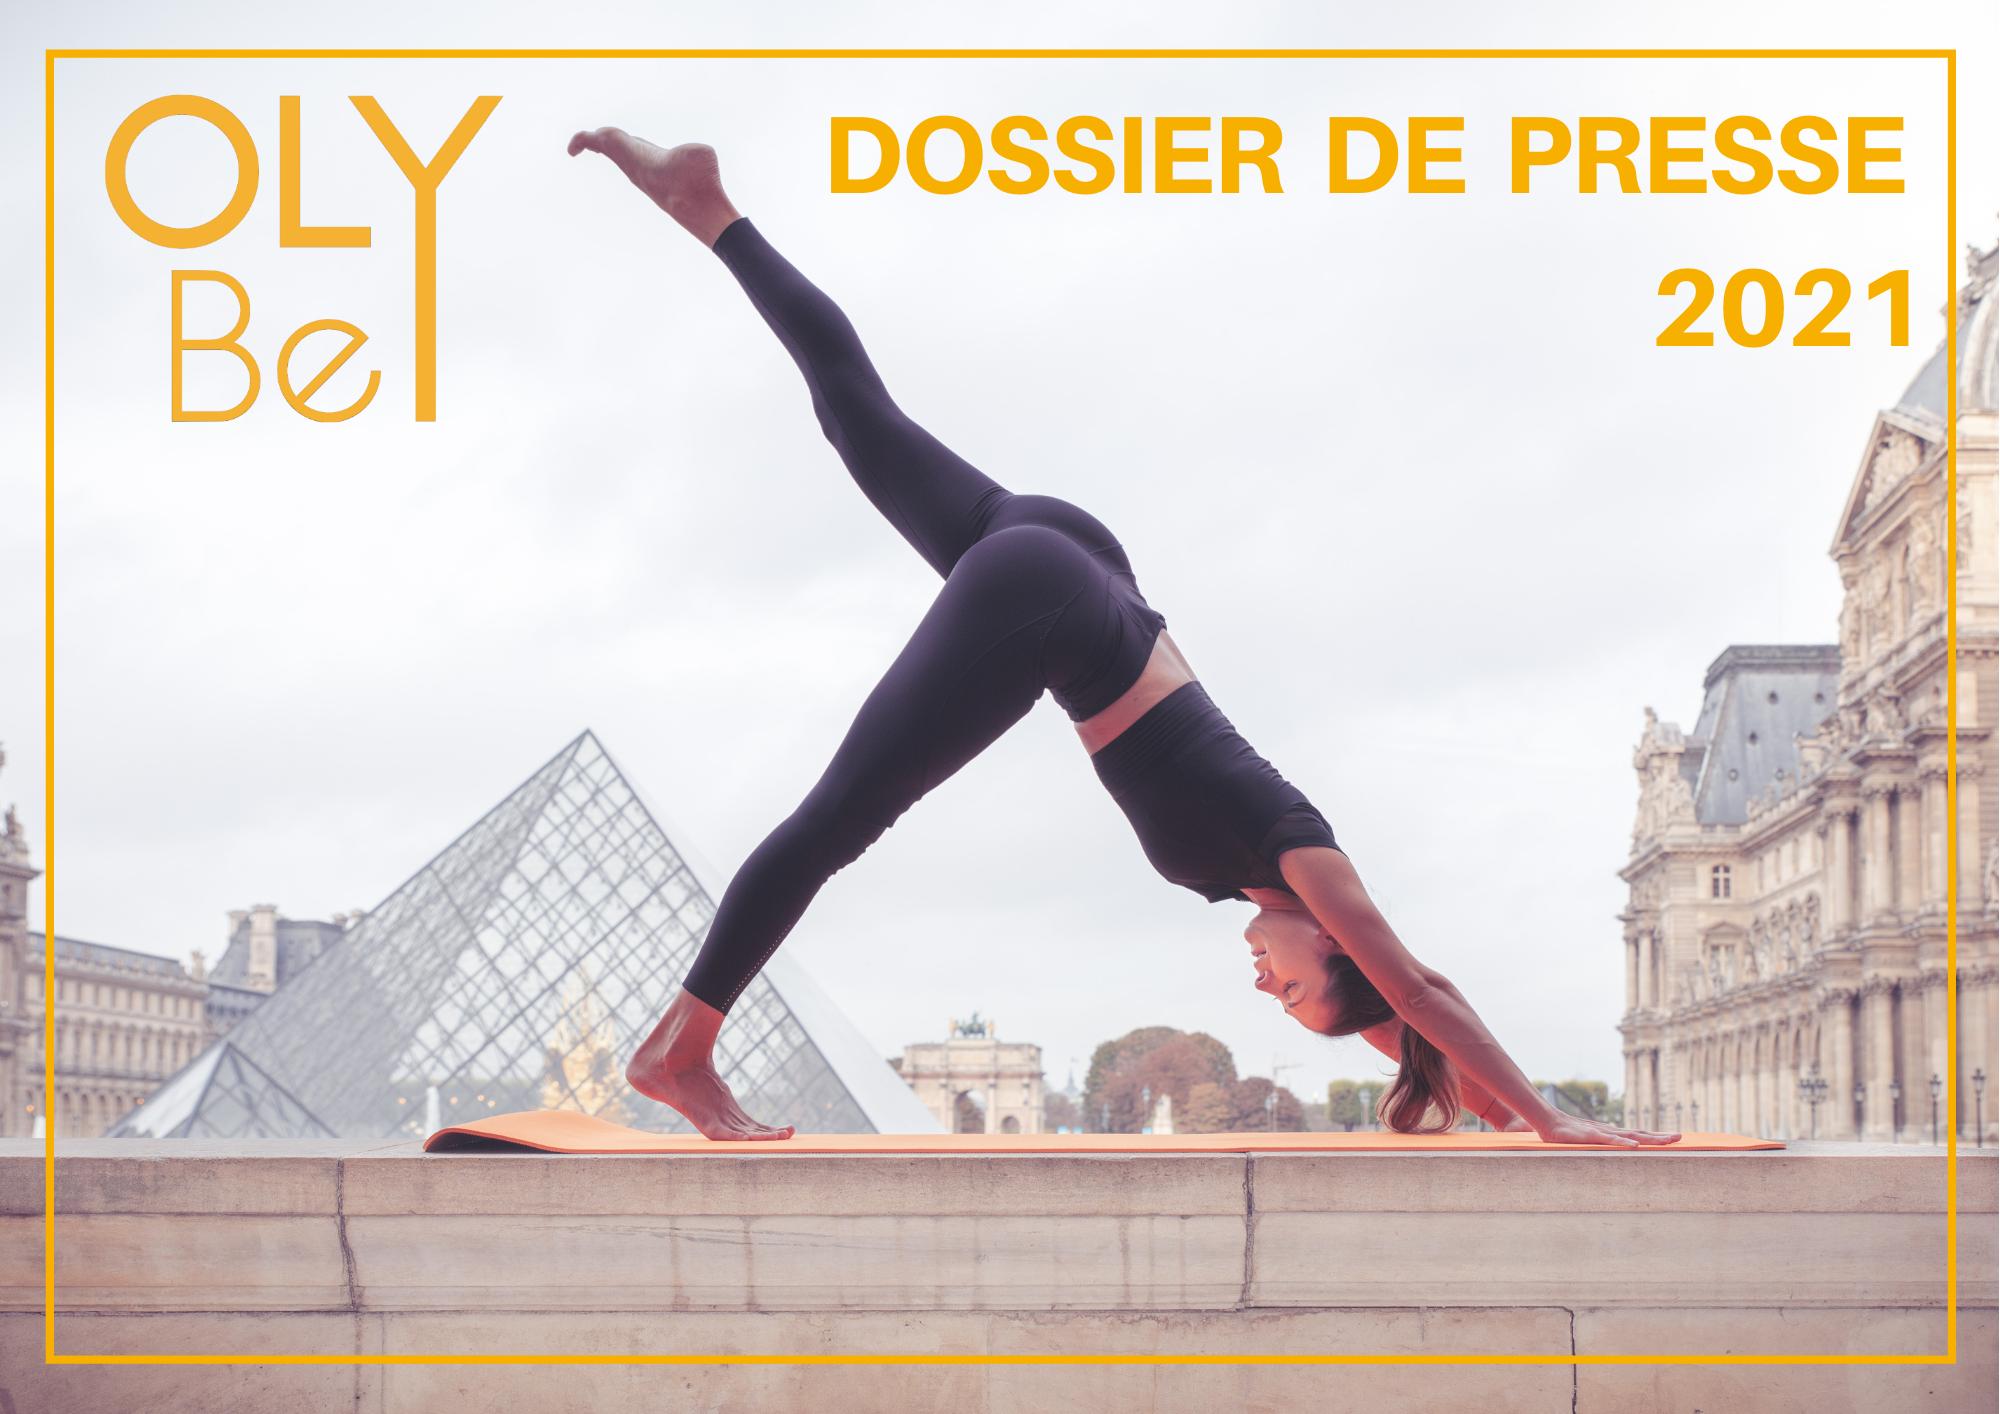 Copie de 2020 - DOSSIER DE PRESSE OLY Be.png